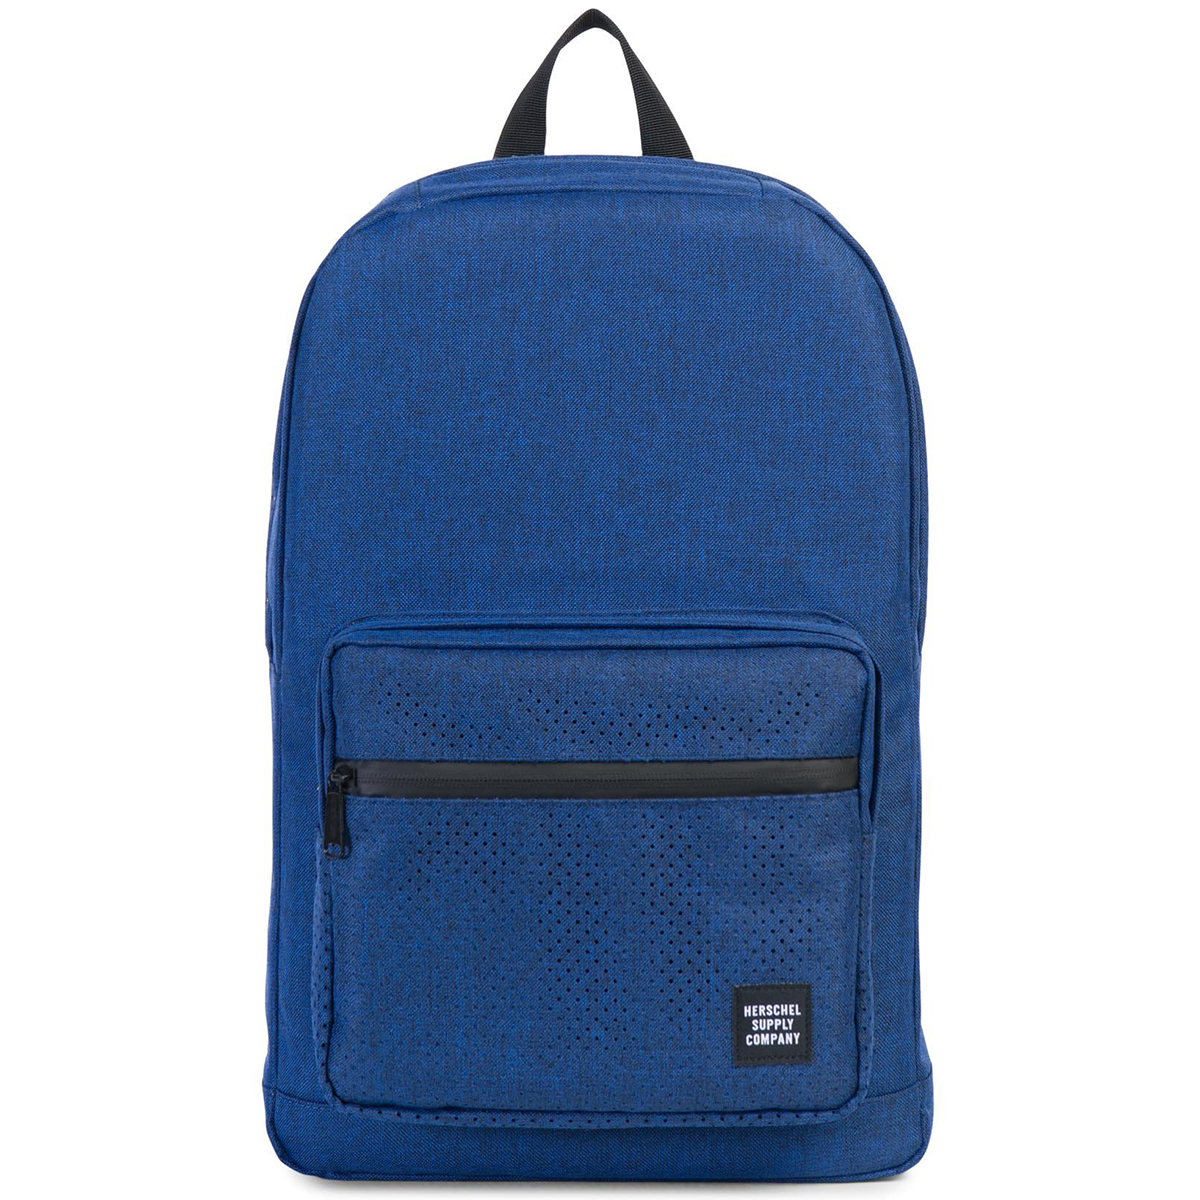 Рюкзак городской Herschel Pop Quiz (A/S), цвет: синий. 828432122929FF718LiCDРюкзак Herschel Pop Quiz выполнен из высококачественного материала. Этот рюкзак создан для любых целей и поездок и отлично впишется в абсолютно любой стиль. Основное отделение закрывается на застежку-молнию. Внешняя сторона дополнена накладным карманом на застежке-молнии. Лямки регулируются, что позволяет менять положение рюкзака на спине.